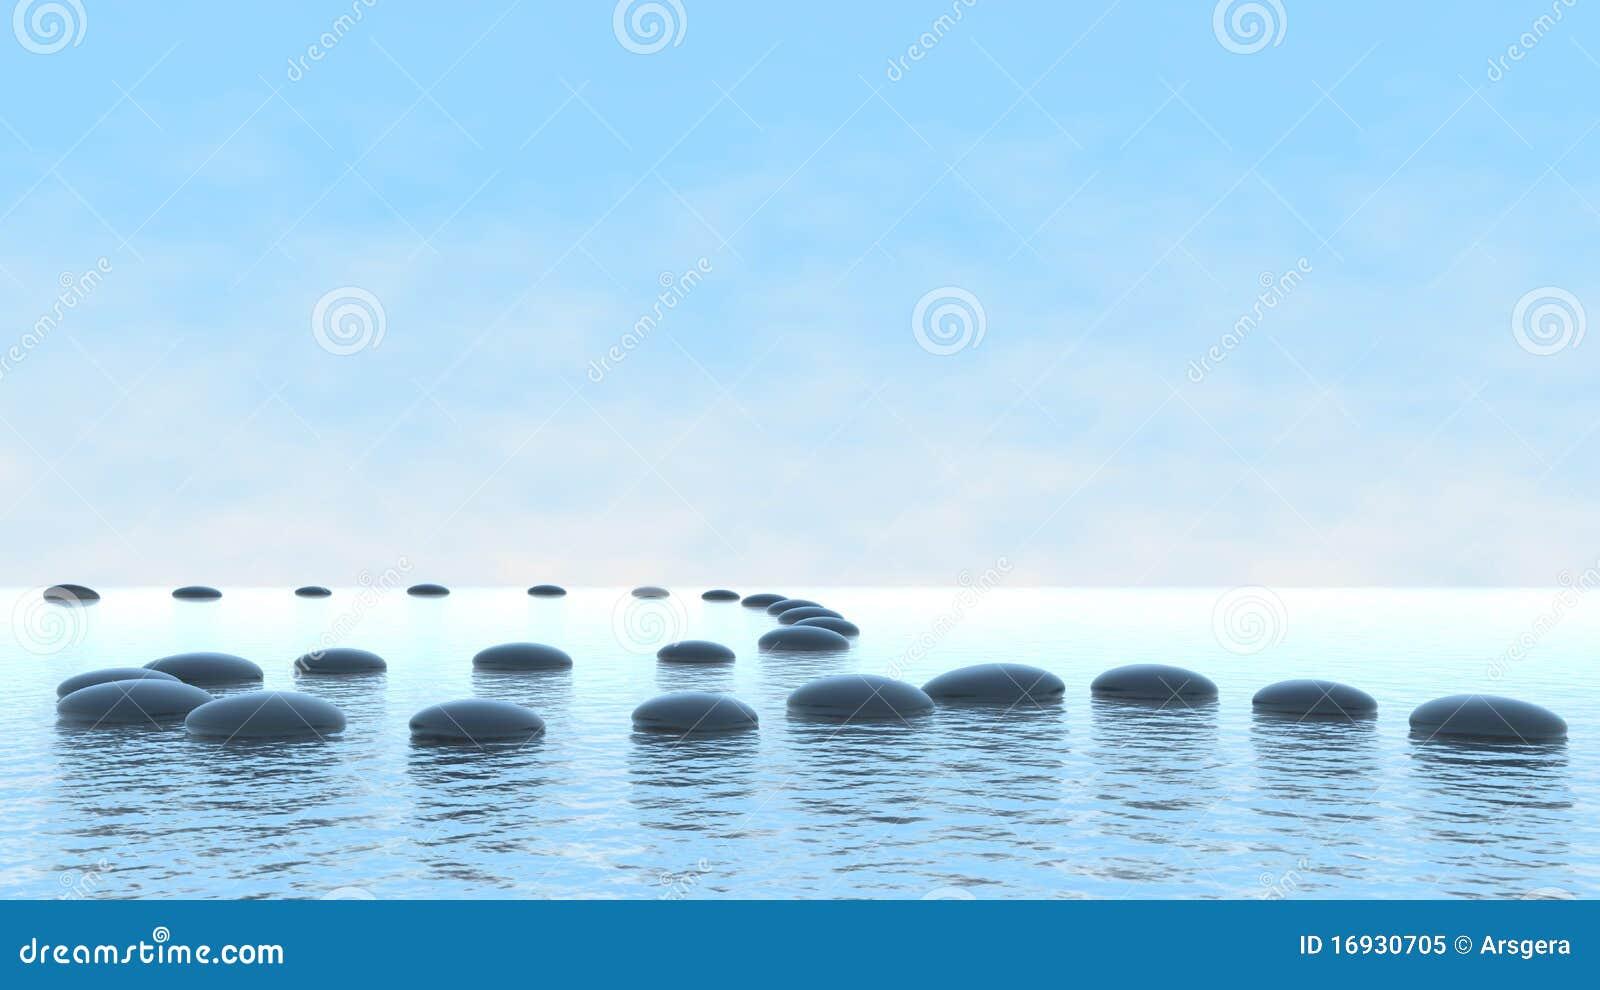 Concepto de la armonía. Camino del guijarro en el agua